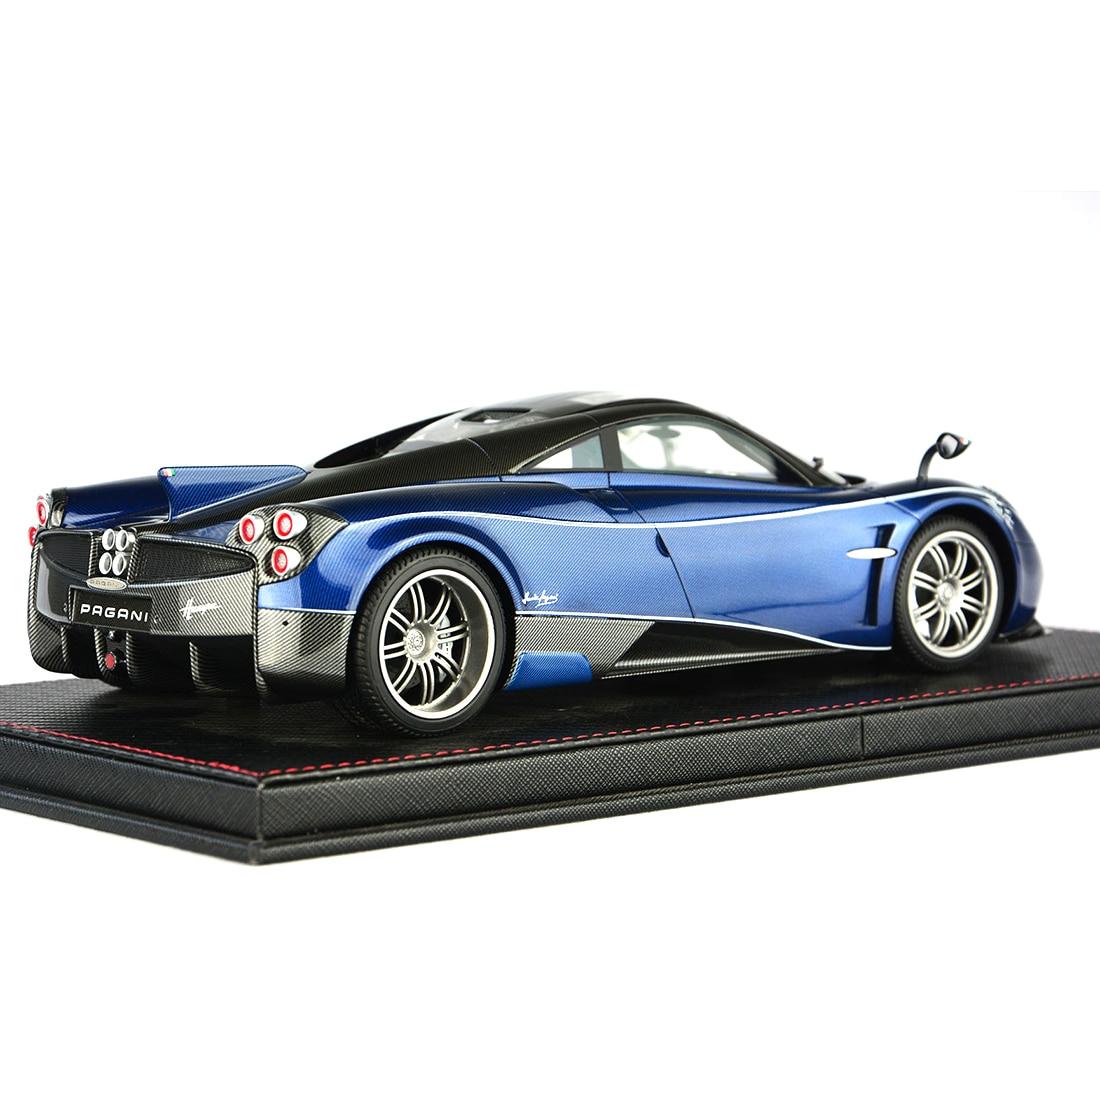 1:18 Модель автомобиля Pagani HUAYRA Модель Коллекция декор с основанием пылезащитный чехол модель обучающая игрушка синий/угольно серый/фиолетов... - 3